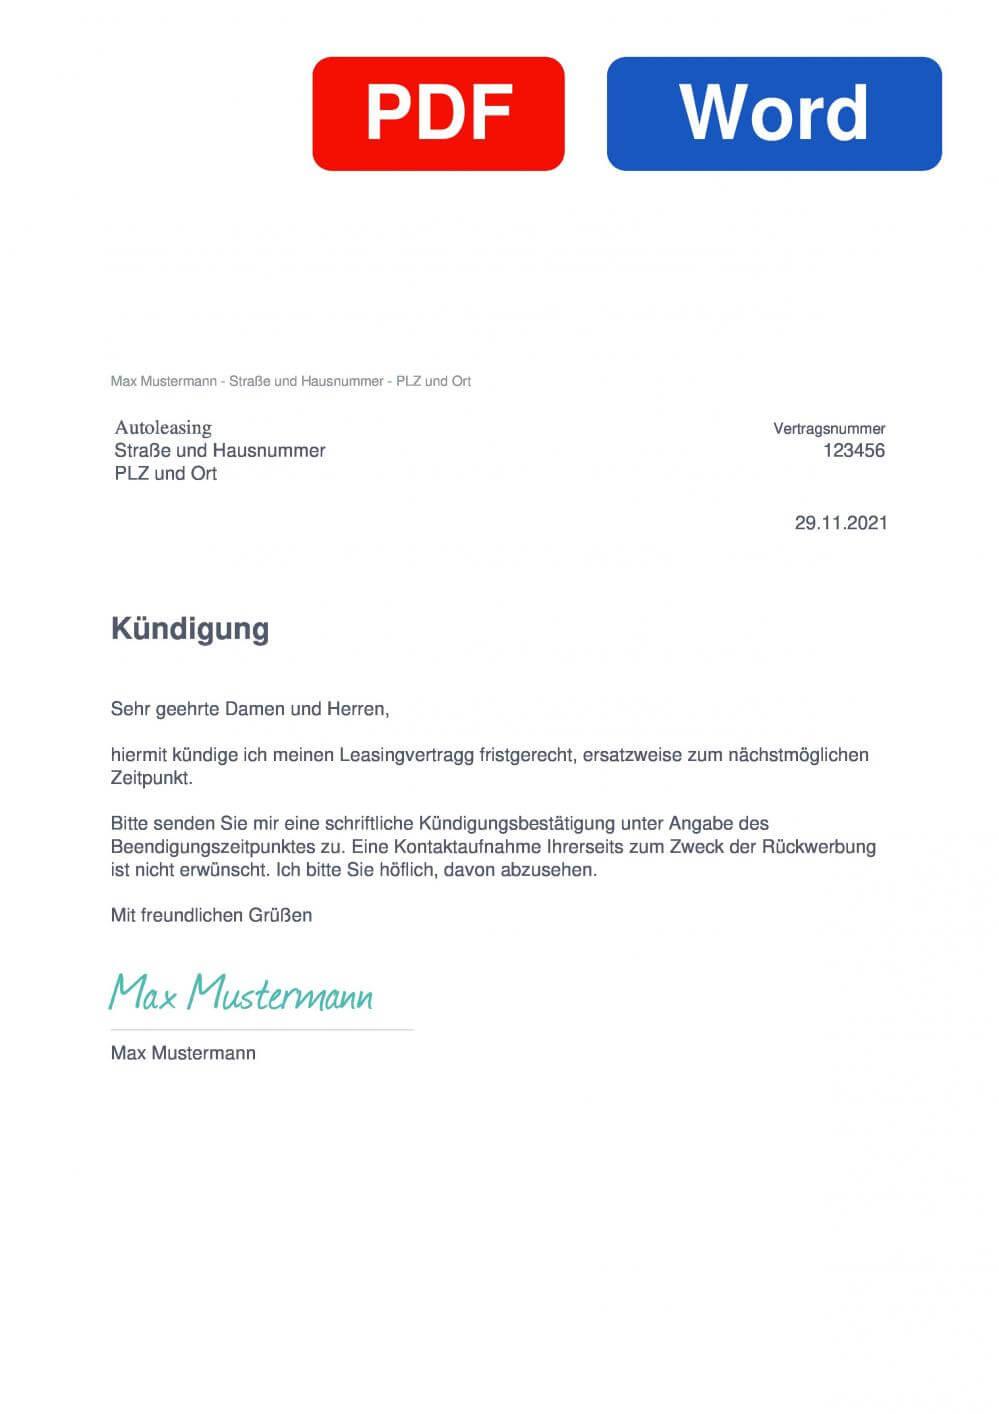 Autoleasing Muster Vorlage für Kündigungsschreiben